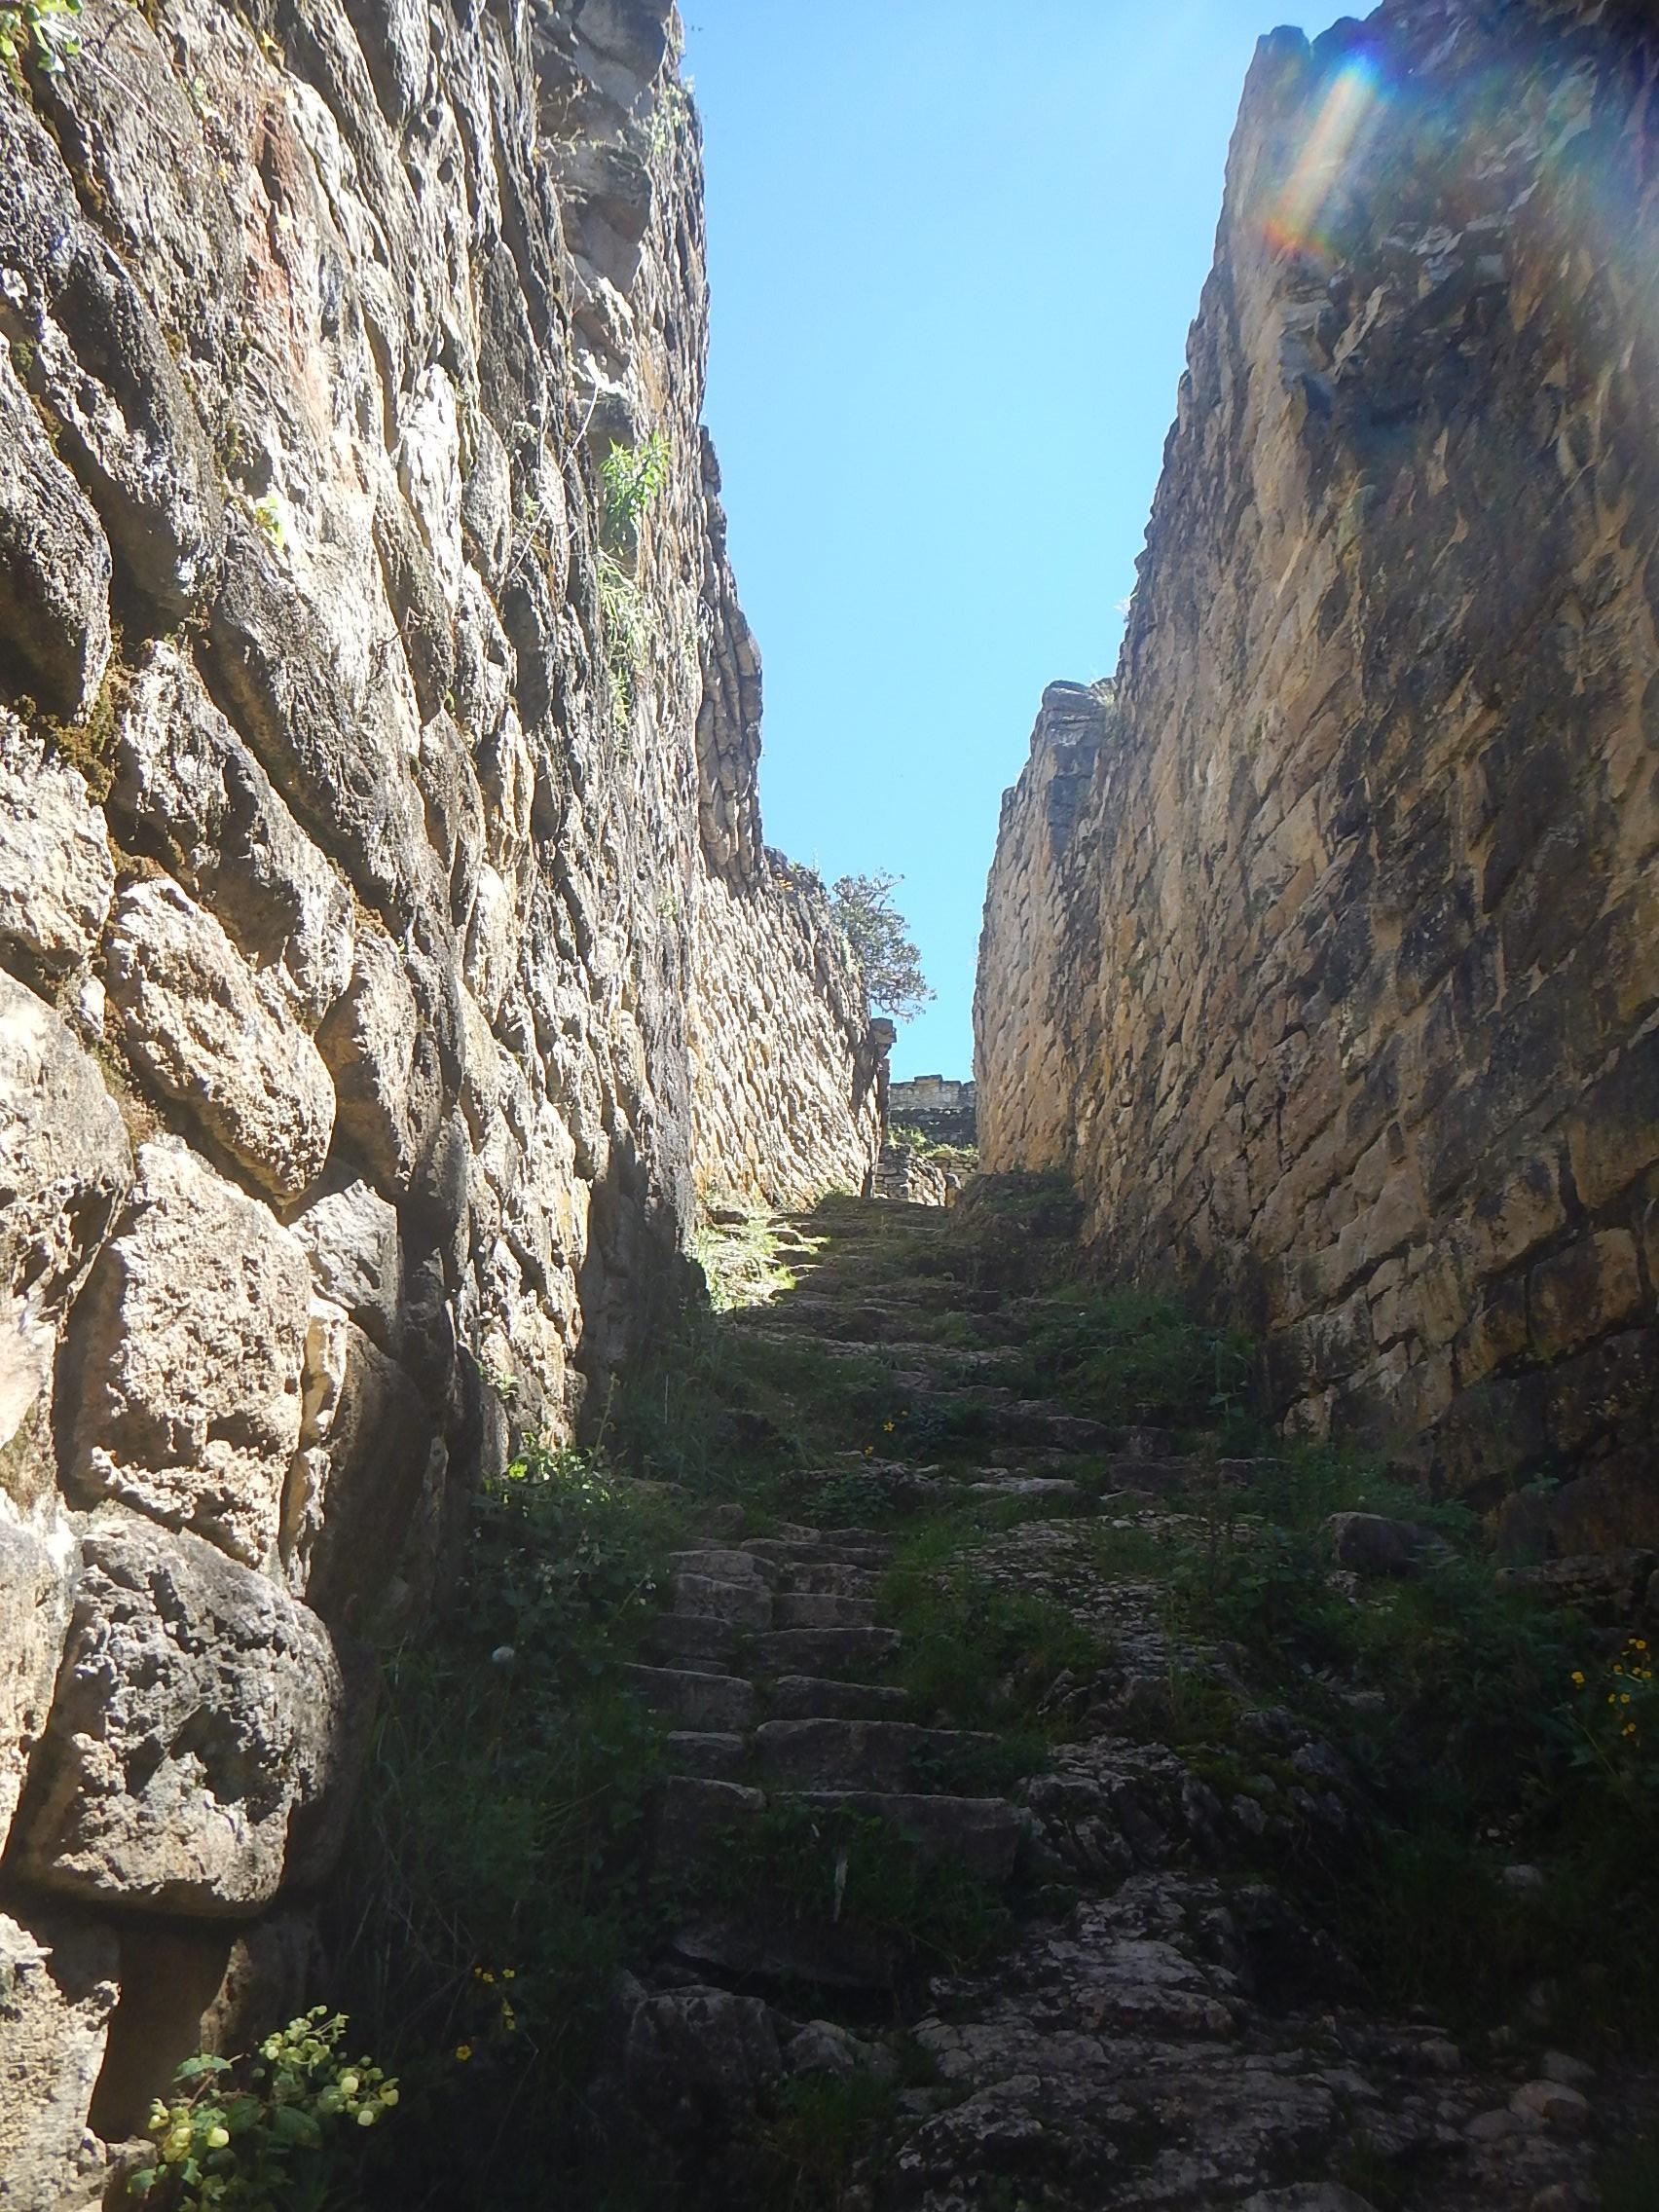 Entrance to Kuelap